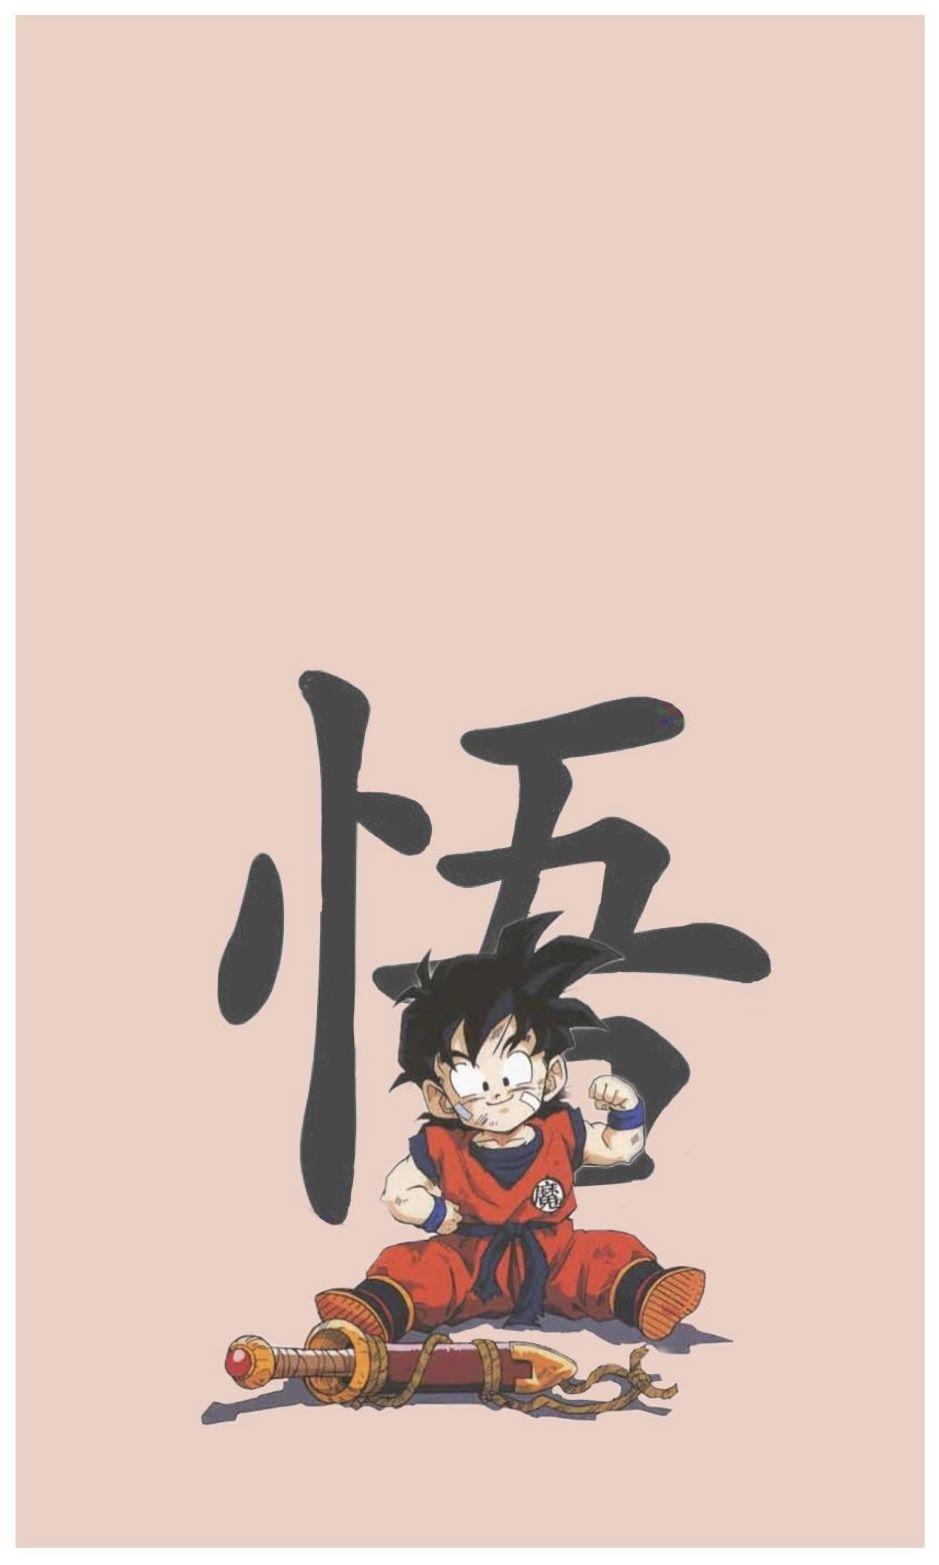 Kid Gohan Wallpaper Dragon Ball Z Dragon Ball Artwork Anime Dragon Ball Super Dragon Ball Wallpapers